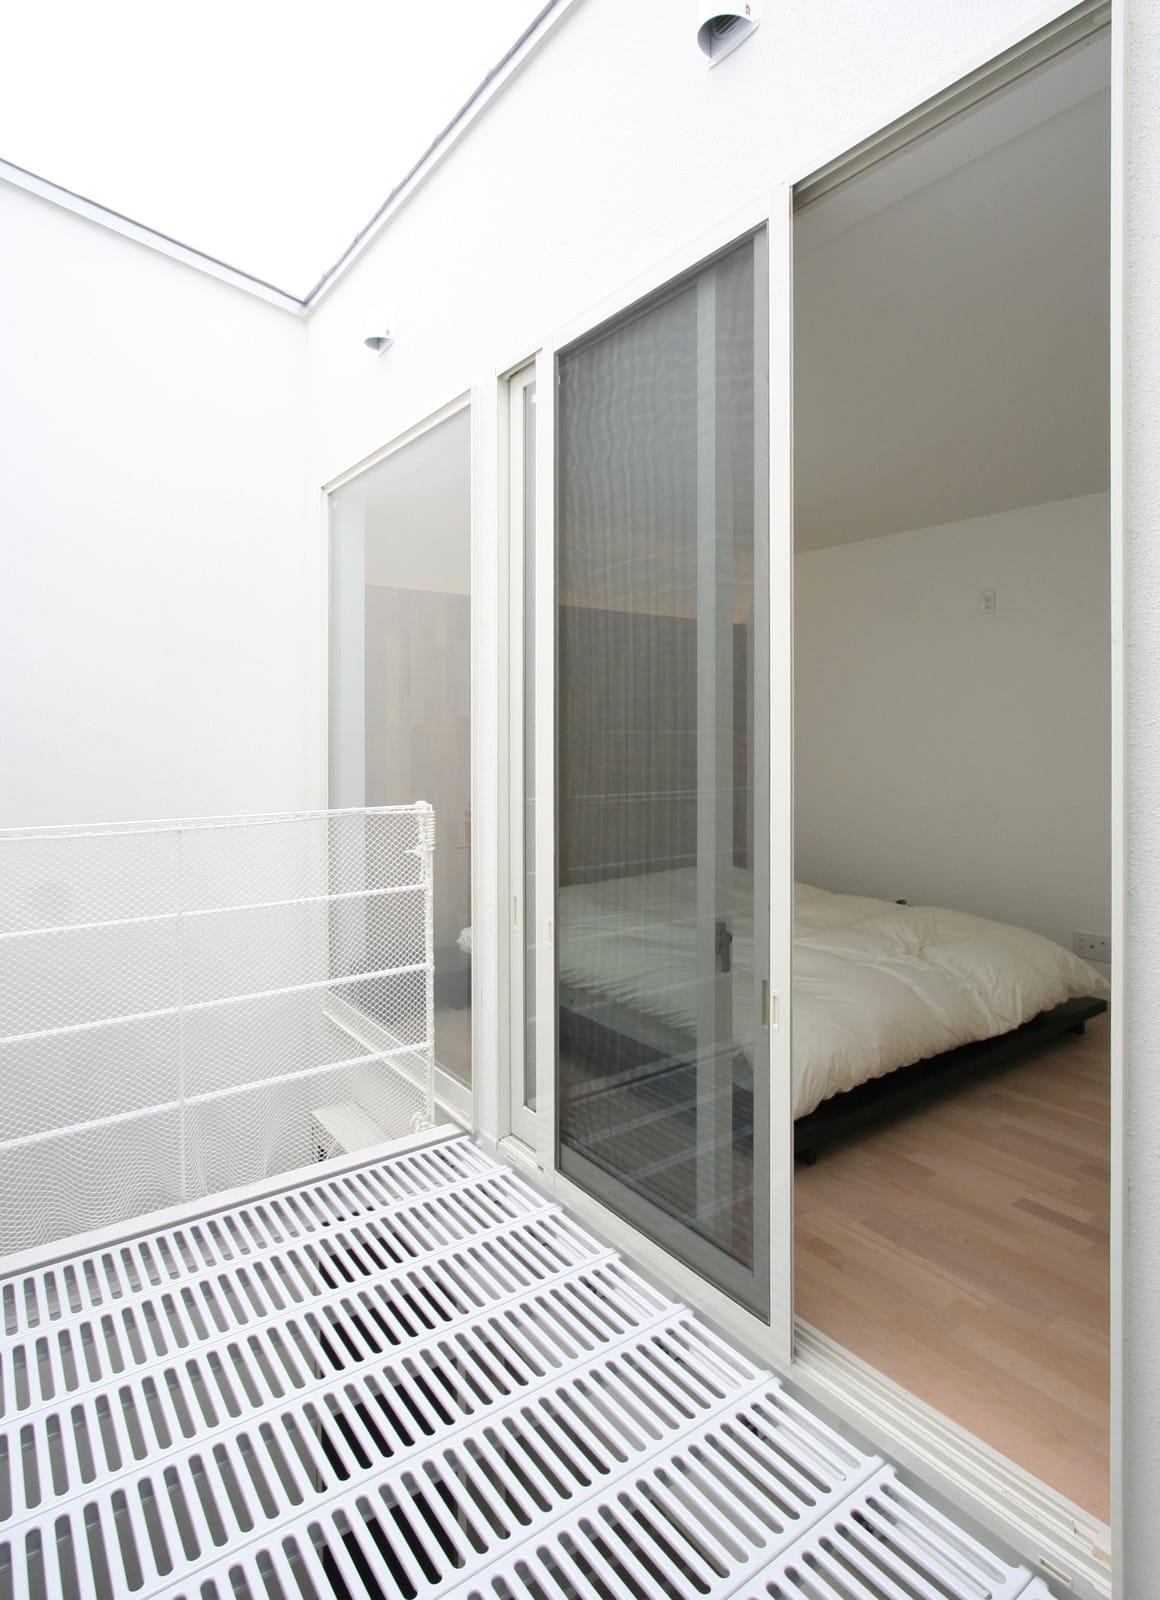 インナーテラスのある明るい住宅のテラス・バルコニー1